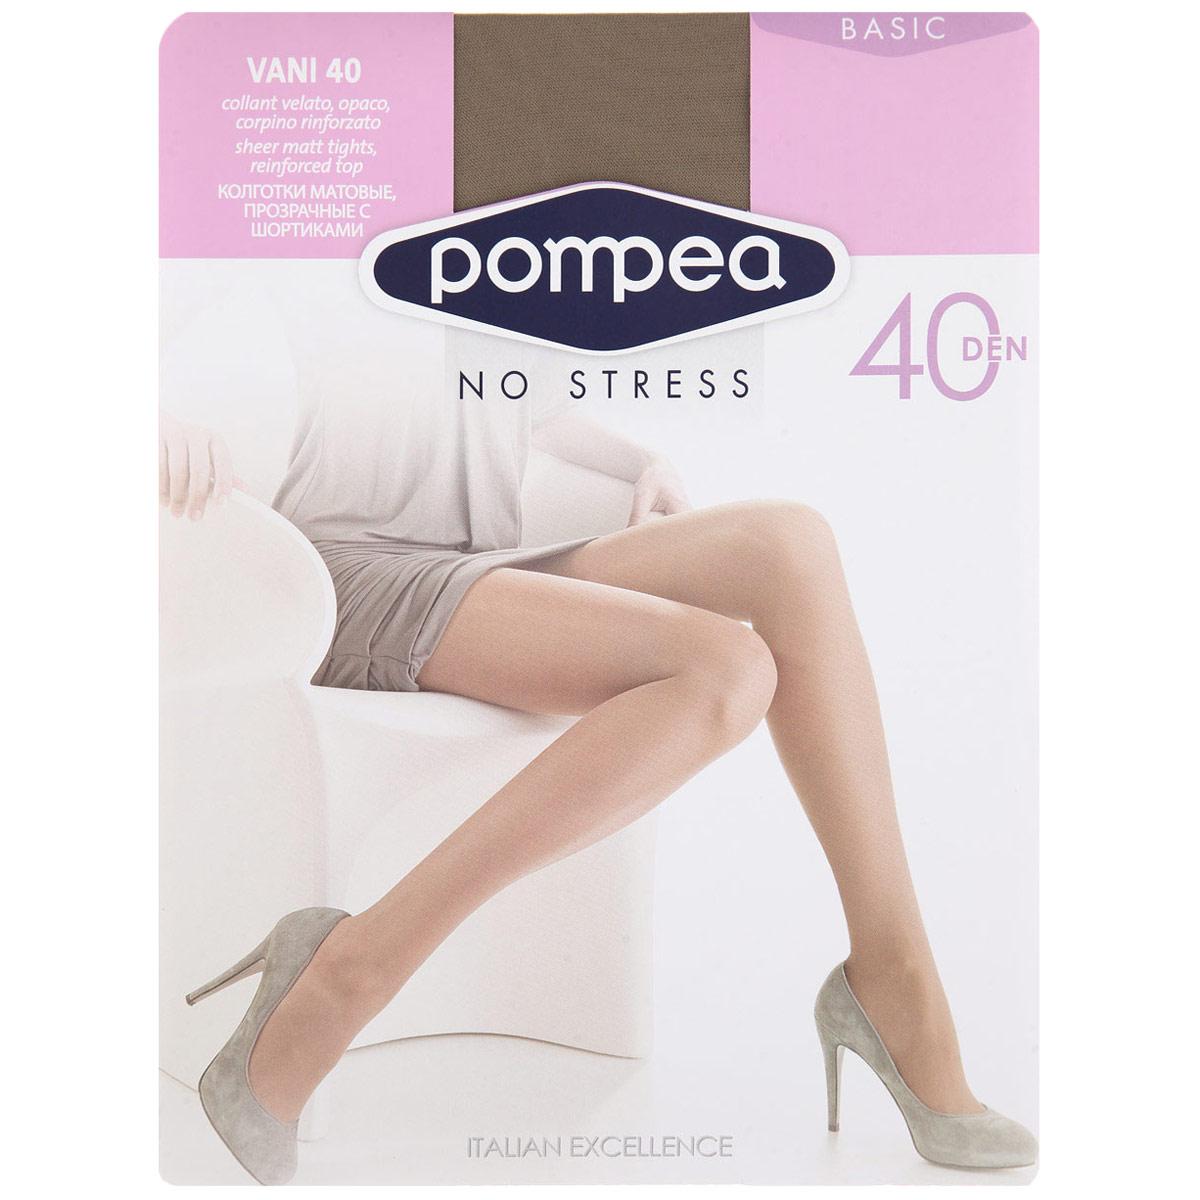 Колготки женские Vani. 720480720480 NeroМатовые эластичные колготки Pompea Vani, с комфортной резинкой, шортиками и укрепленным мыском. Плотность: 40 den.